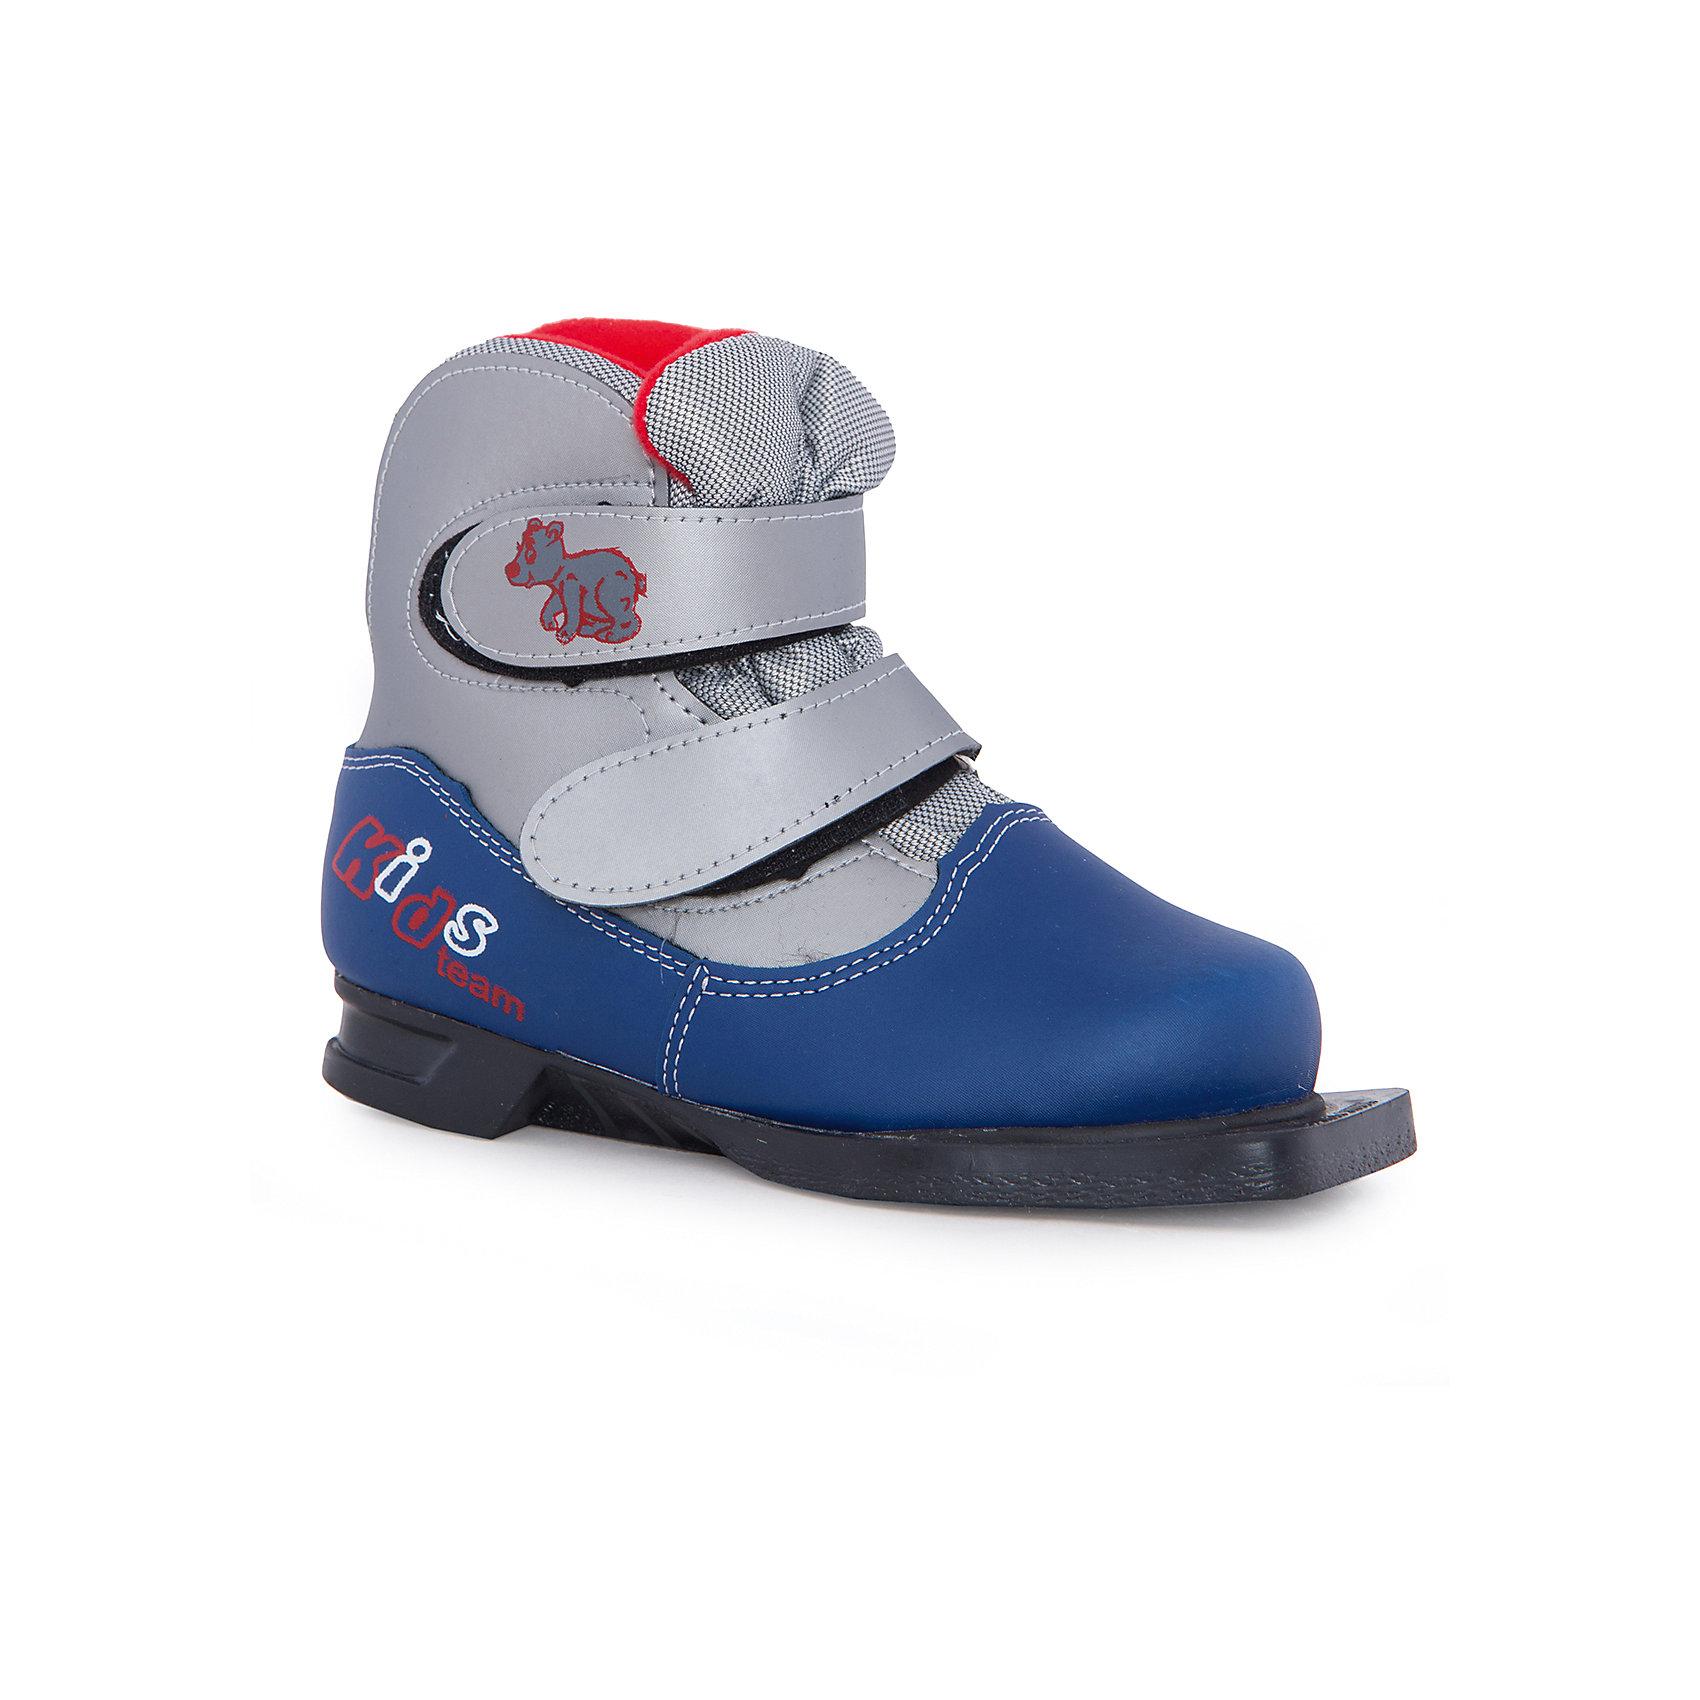 Ботинки лыжные NN75, МАРАКС, синий-сереброЛыжи и сноуборды<br>Детские ботинки для активного отдыха под крепления NN-75.<br>Верх - высококачественные синтетические материалы,<br>протестированные при температуре минус 25'C.<br>Внутри – утеплитель из искусственного меха. <br>Язычок ботинка с защитой от попадания снега и отсутствие шнурков – идеальное решение для<br>юных лыжников. <br>Термопластичный анатомический задник. <br>Подошва - ТЭП<br>Цвета: серый/желтый<br>Размер: 30<br>Срана-производитель: Россия<br><br>Ширина мм: 220<br>Глубина мм: 110<br>Высота мм: 300<br>Вес г: 815<br>Цвет: разноцветный<br>Возраст от месяцев: 72<br>Возраст до месяцев: 84<br>Пол: Унисекс<br>Возраст: Детский<br>Размер: 33,31,32,30<br>SKU: 5204706